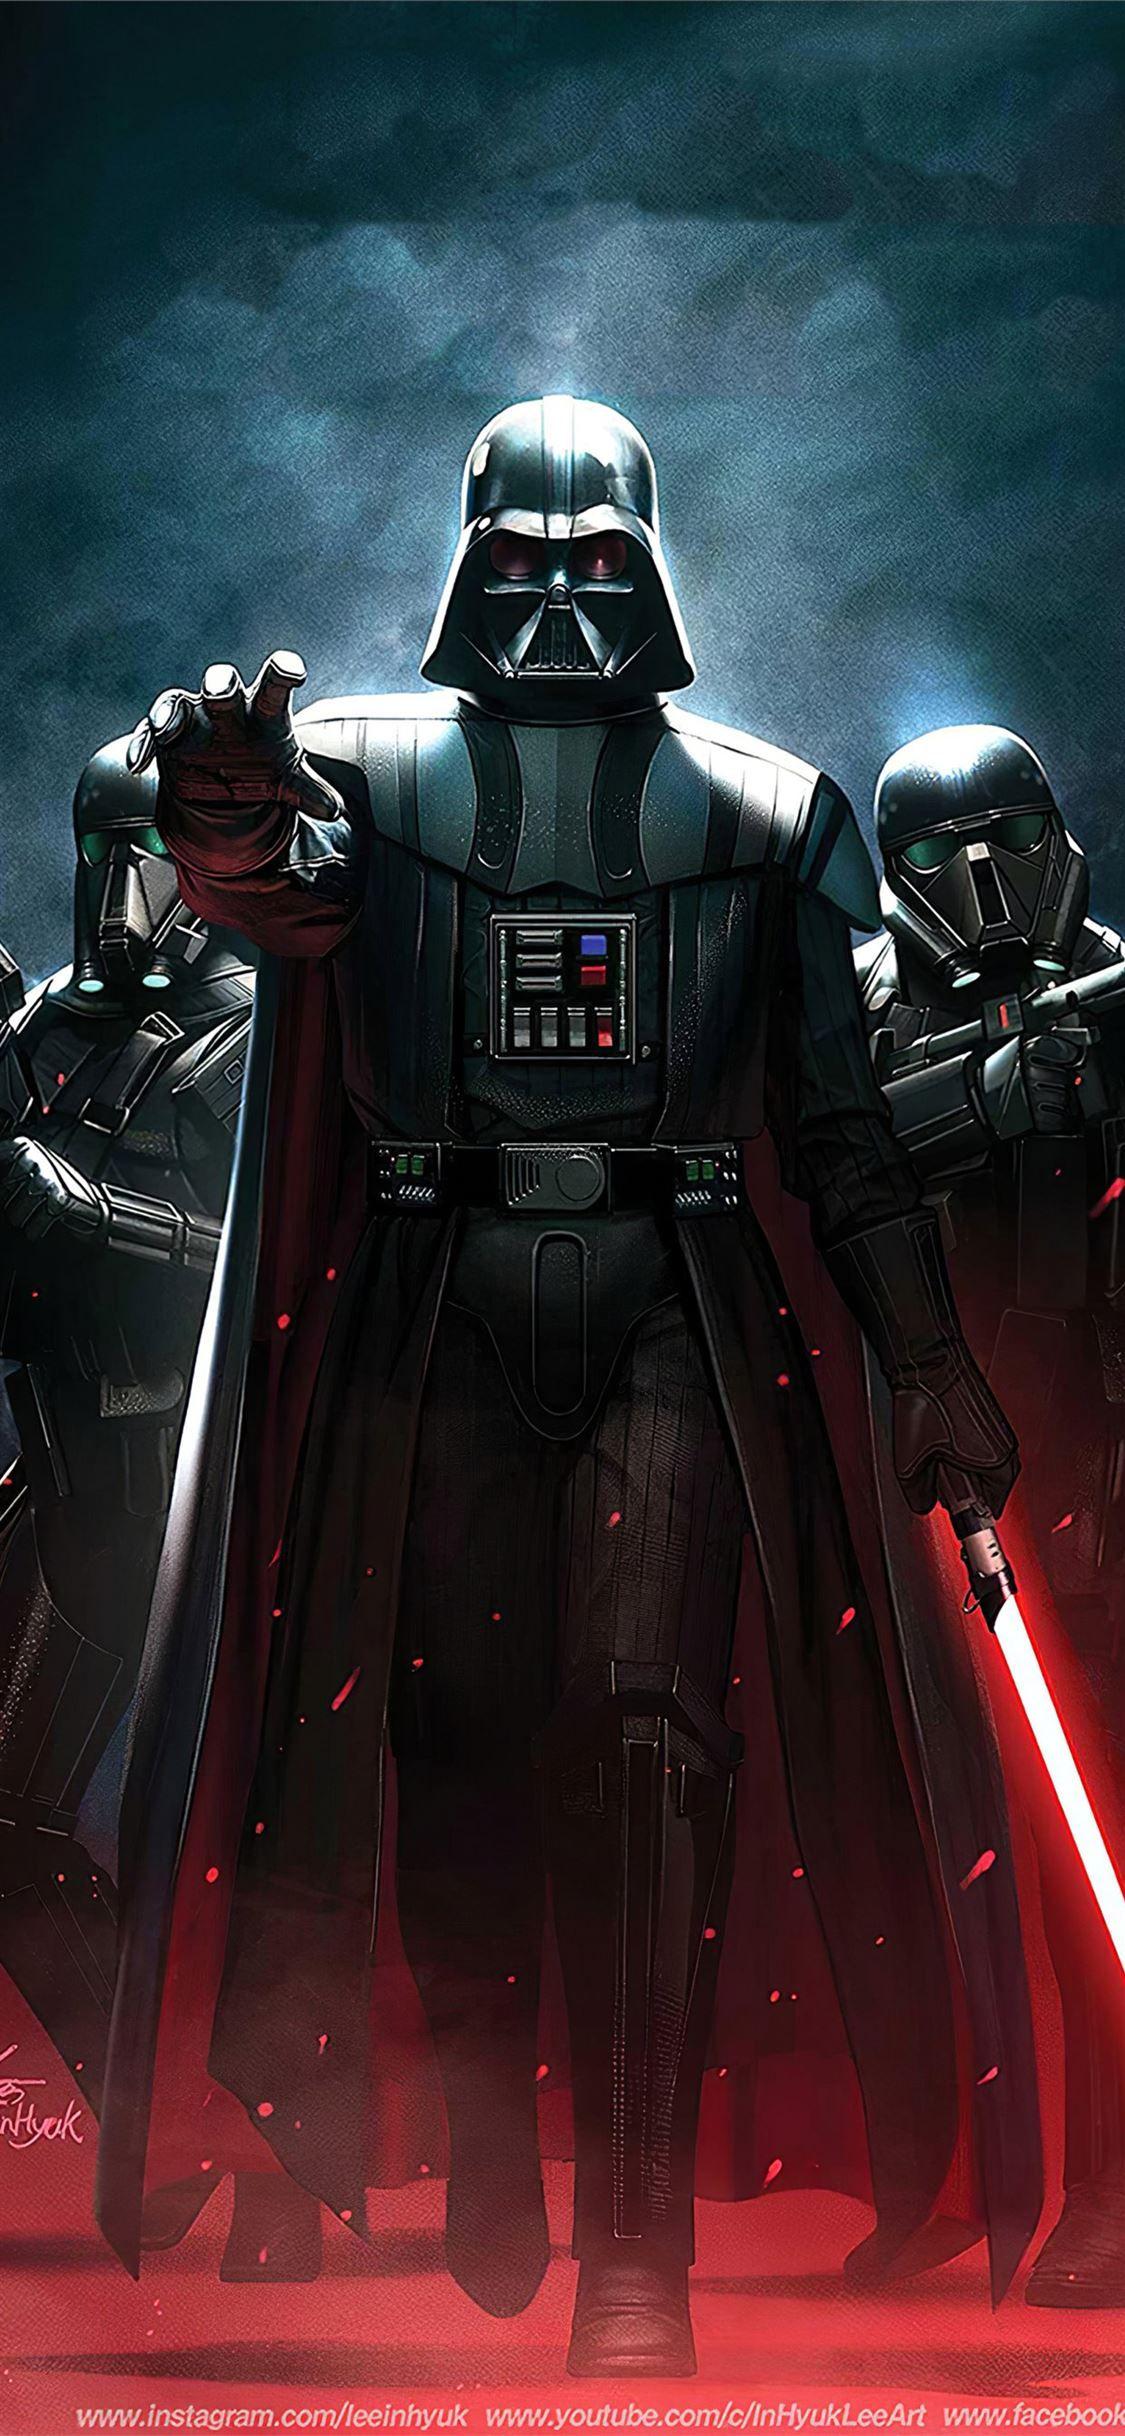 Darth Vader Wallpaper 4k Iphone : darth, vader, wallpaper, iphone, Darth, Vaderart, #StarWars, #movies, #DarthVader, #iPhoneXWallpaper, Vader, Wallpaper,, Tattoo